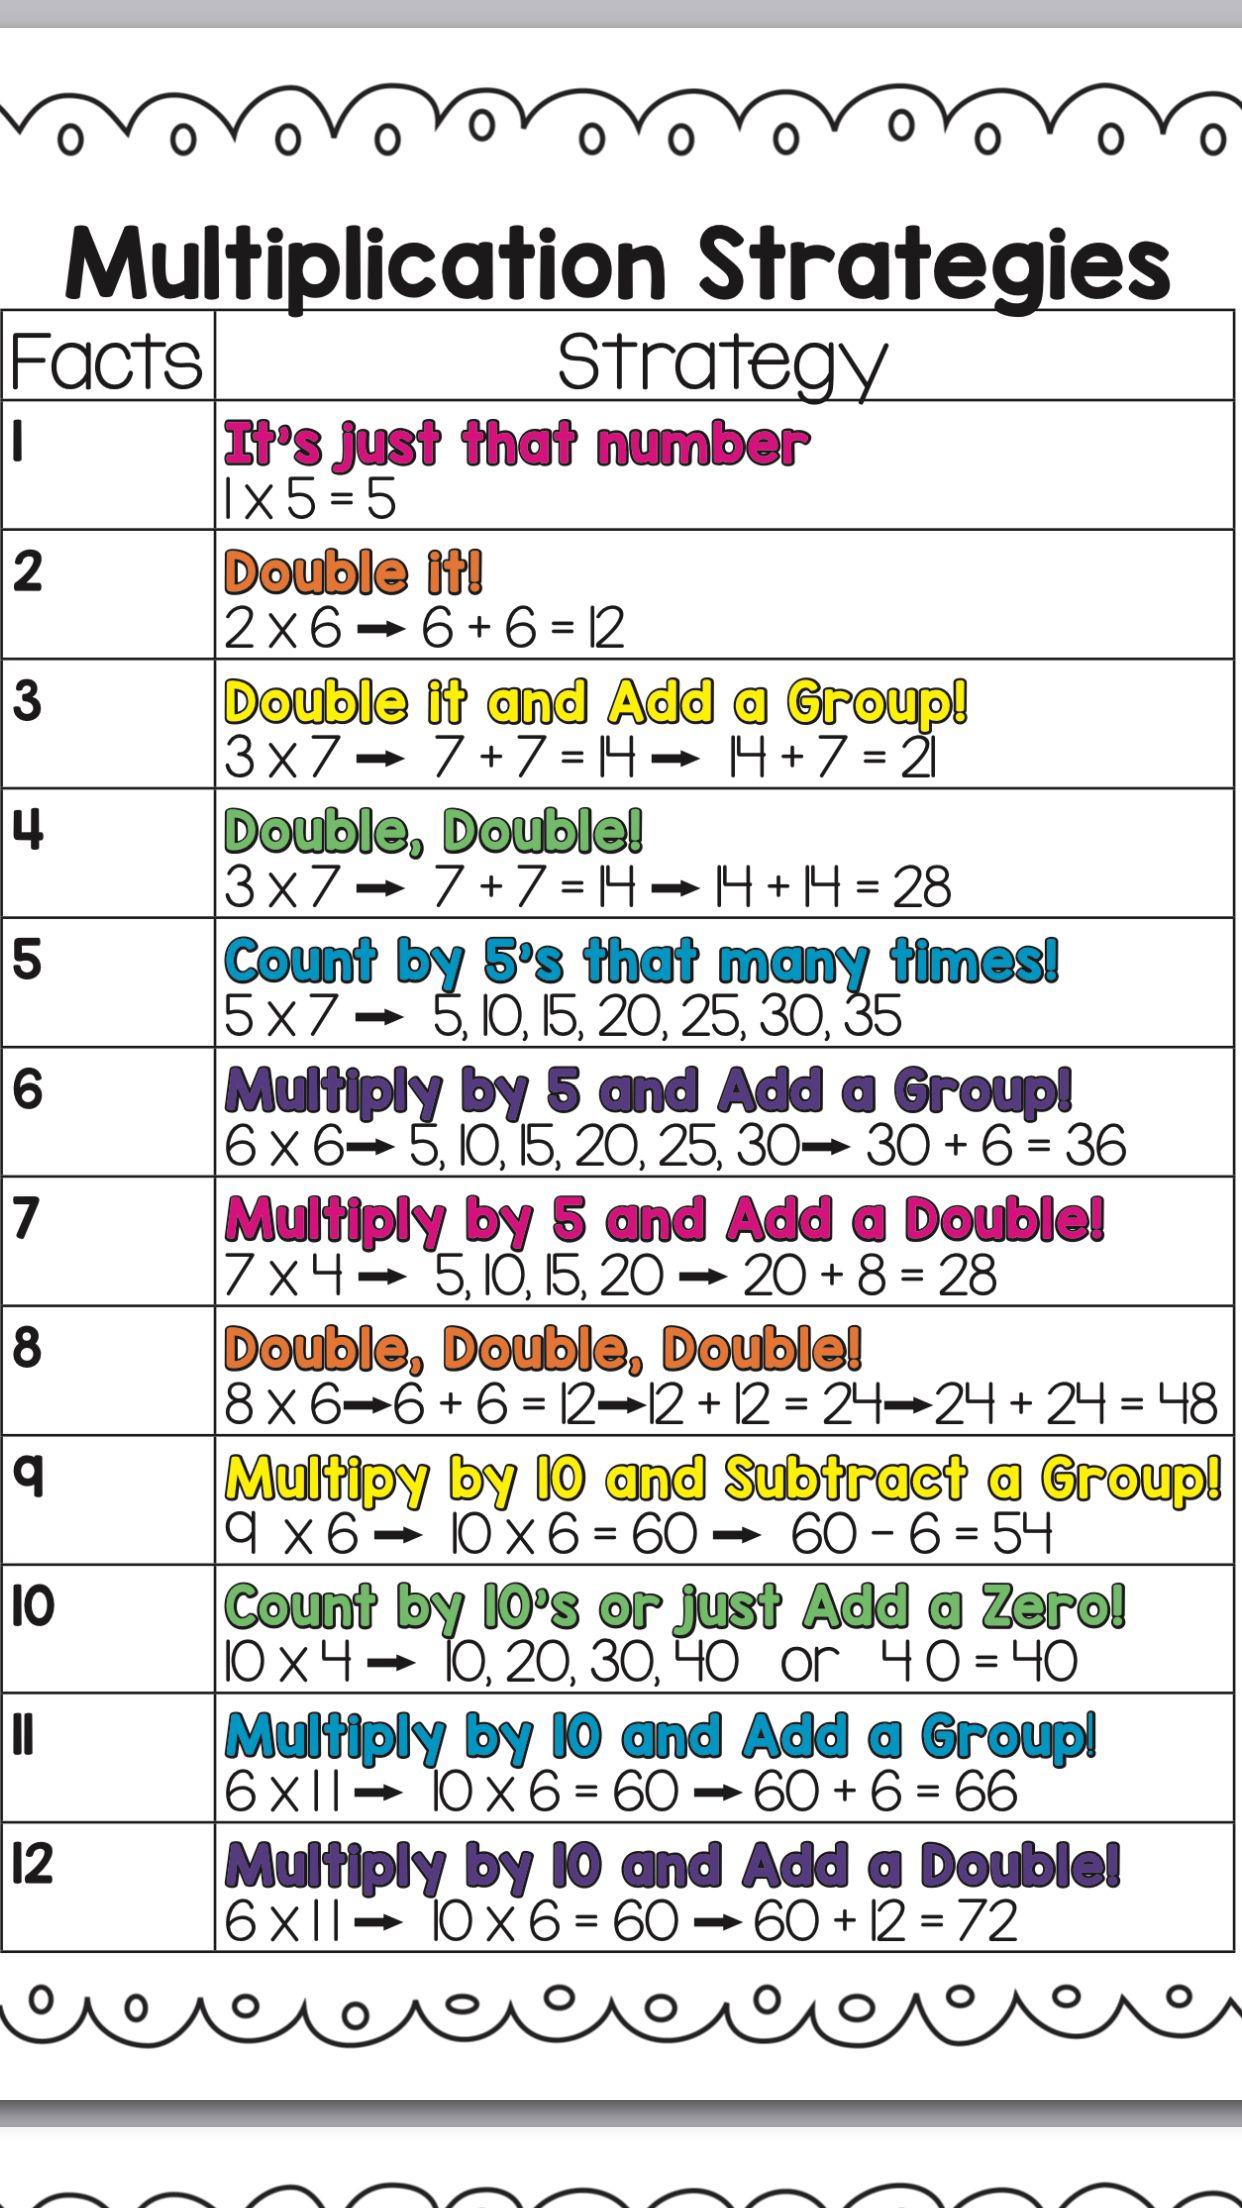 Multiplication tricks! | Math Hacks | Pinterest | Multiplication ...